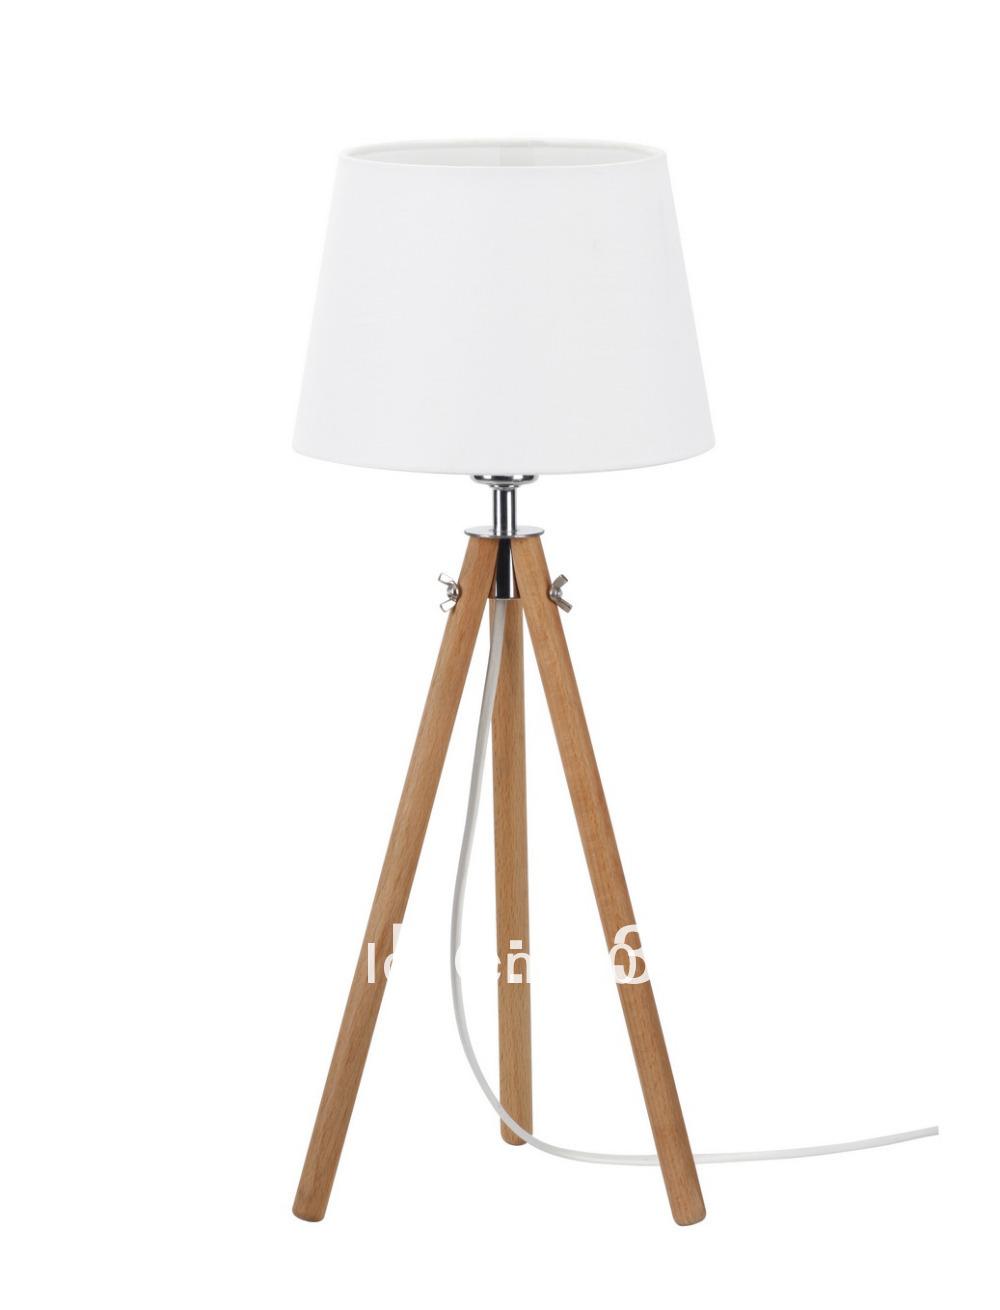 Lampadaire Bois Ikea : IKEA Table Lamp Base